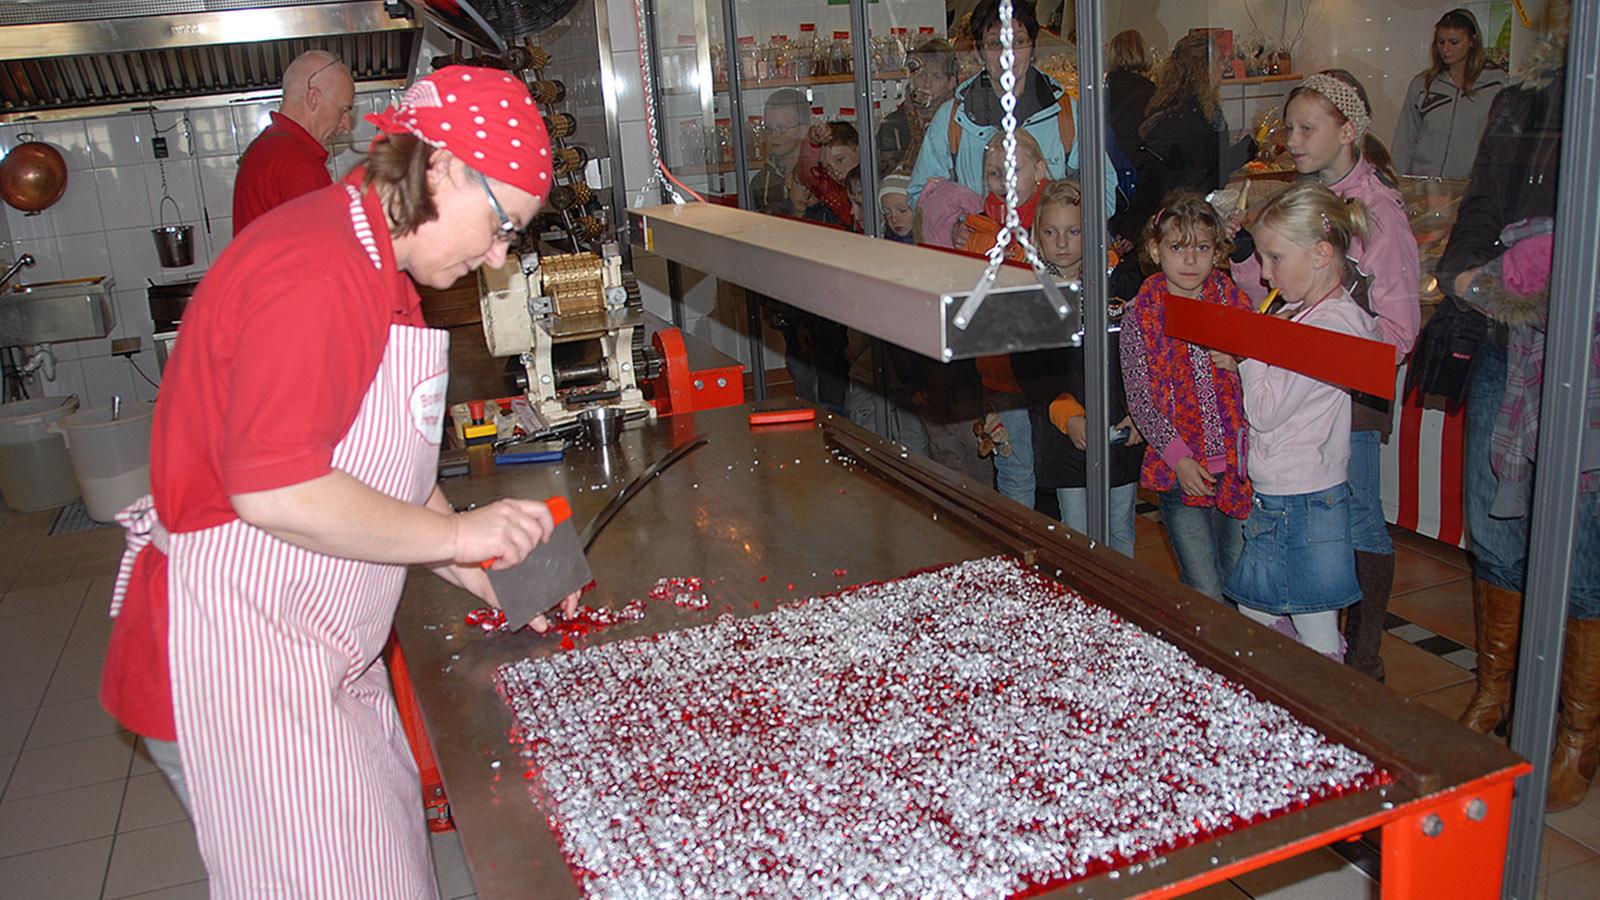 Bonbonkocherei: zugucken, wie Bonbons entstehen. Foto: Hilke Maunder